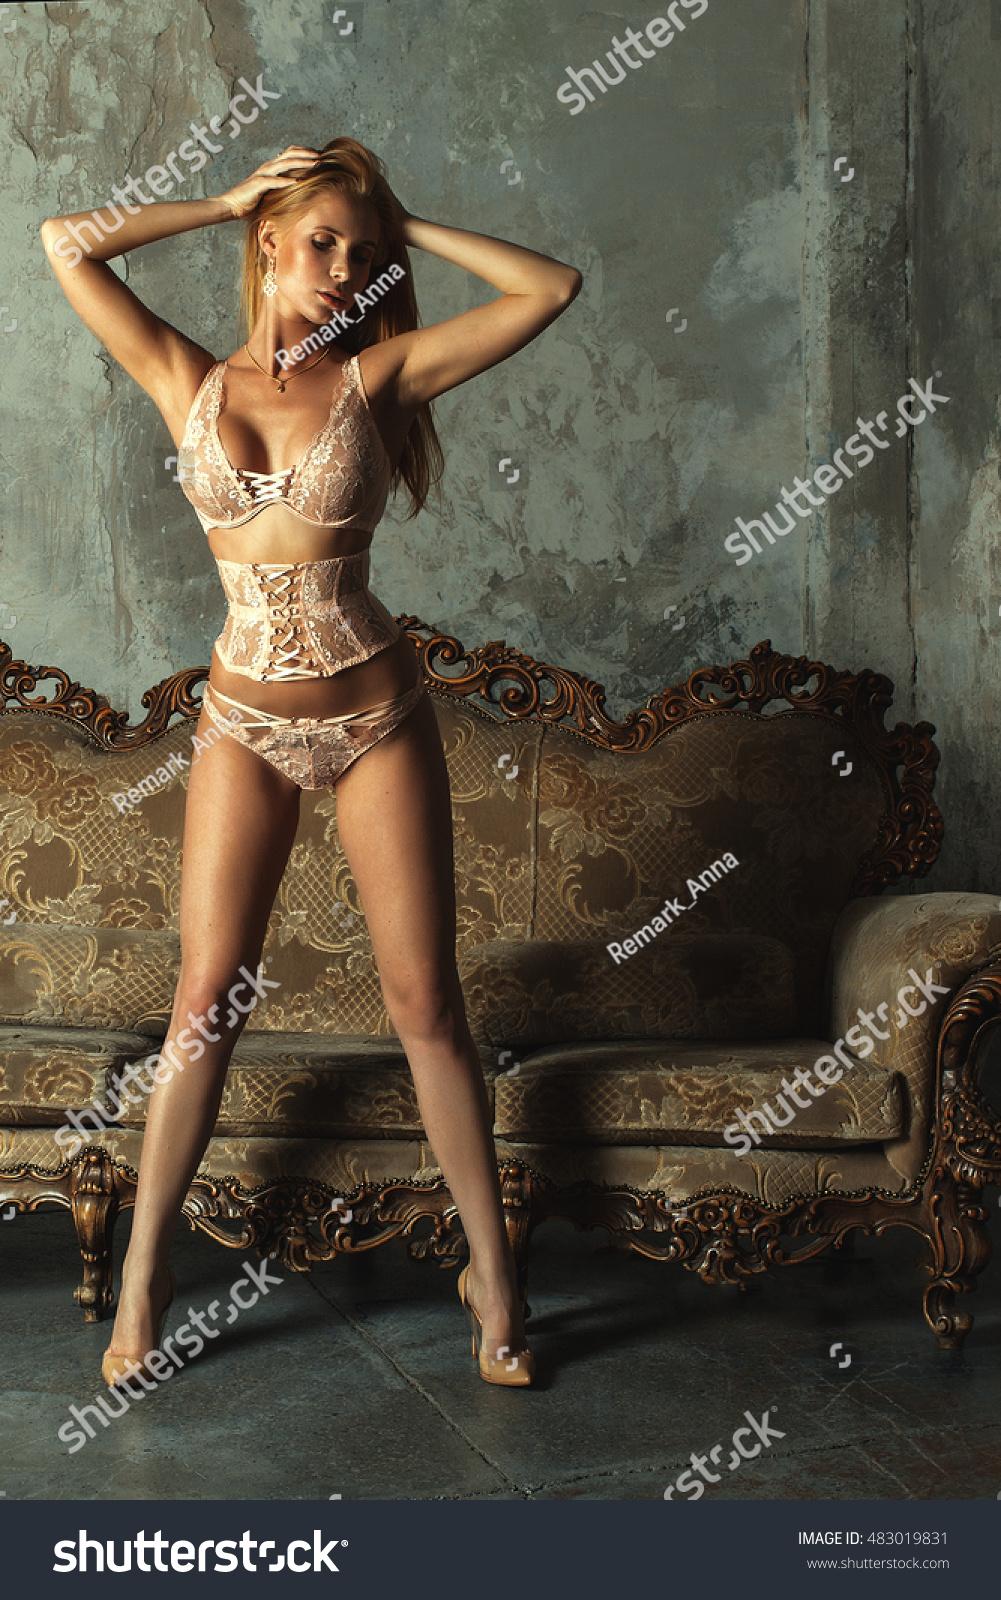 Diletta leotta nude pics